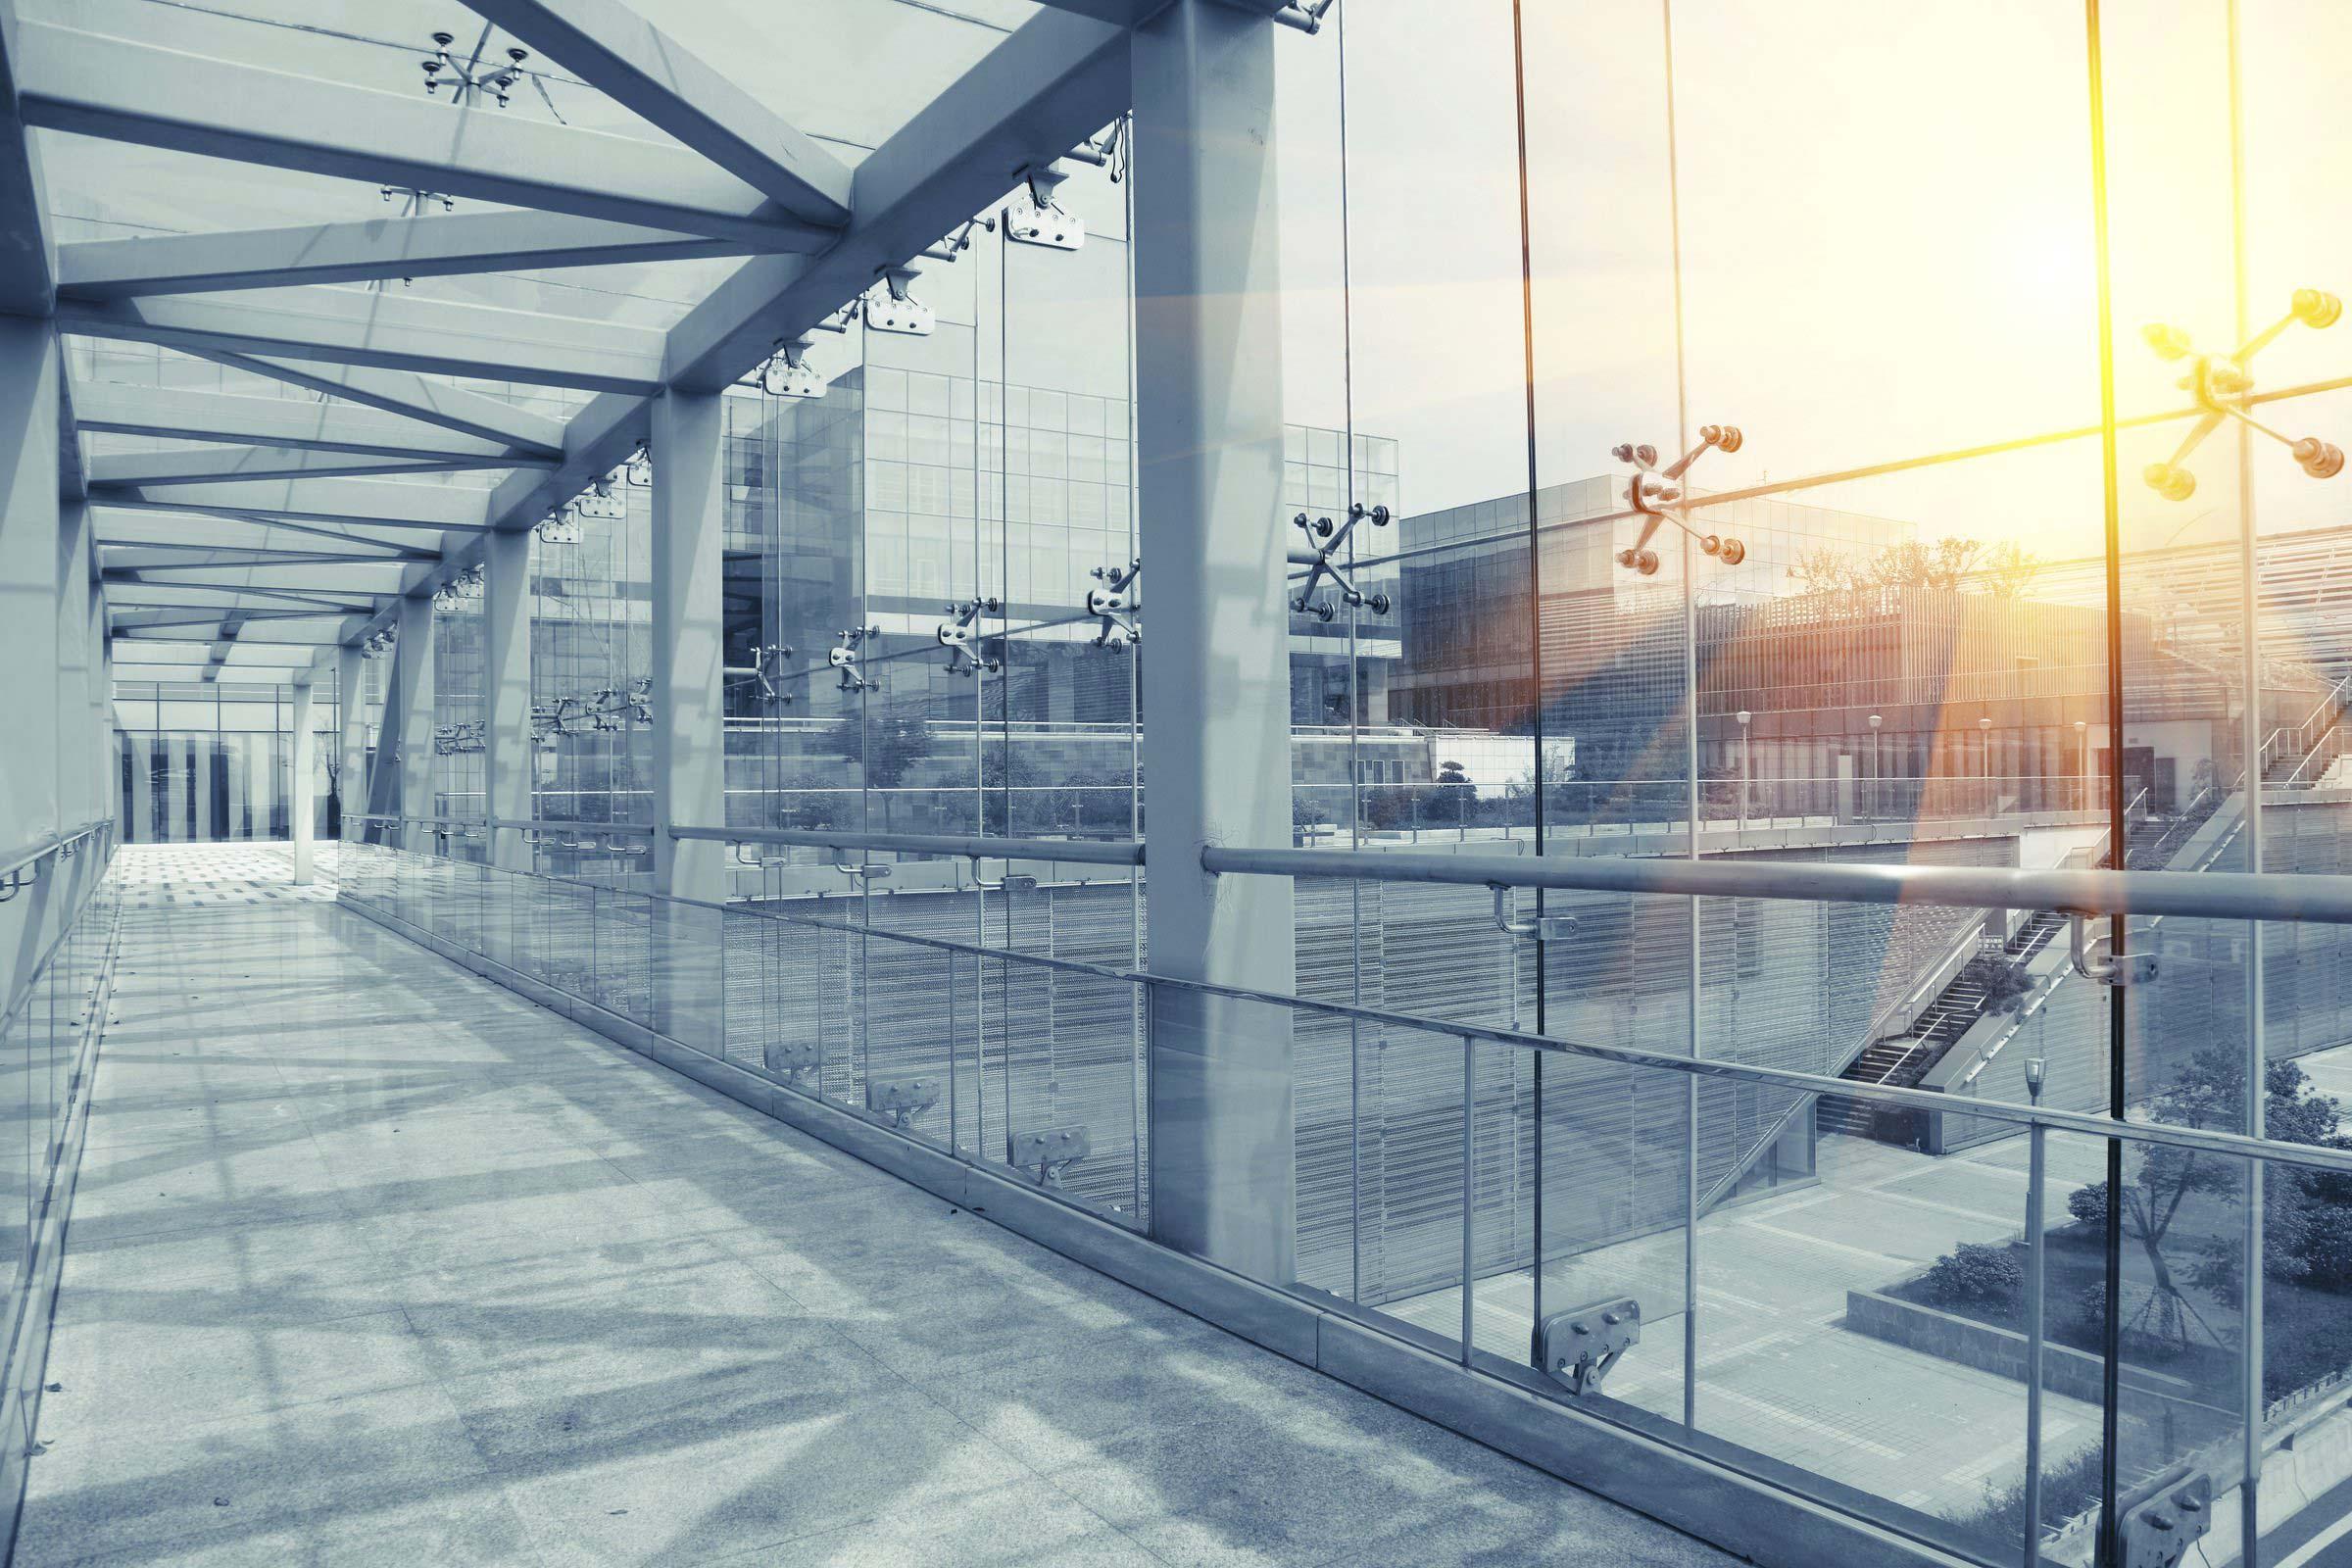 Bürogebäude bauen - Flur mit Aussenbereich